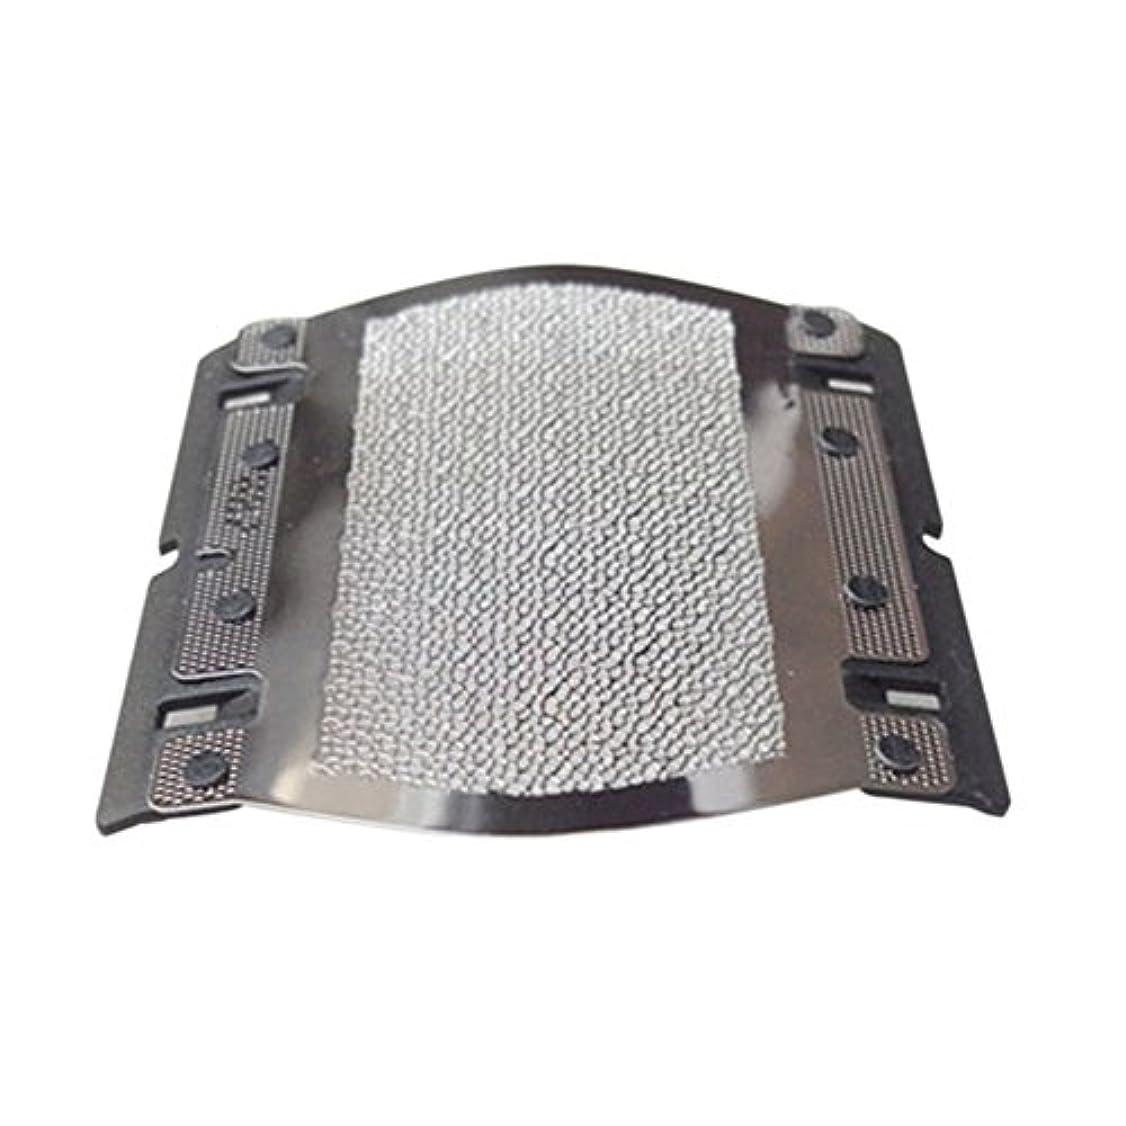 規則性マイクロプロセッサ東ティモールHZjundasi Replacement シェーバー 刃+2X はく for Braun 5S/BS550/BS555/P90/5604/5609